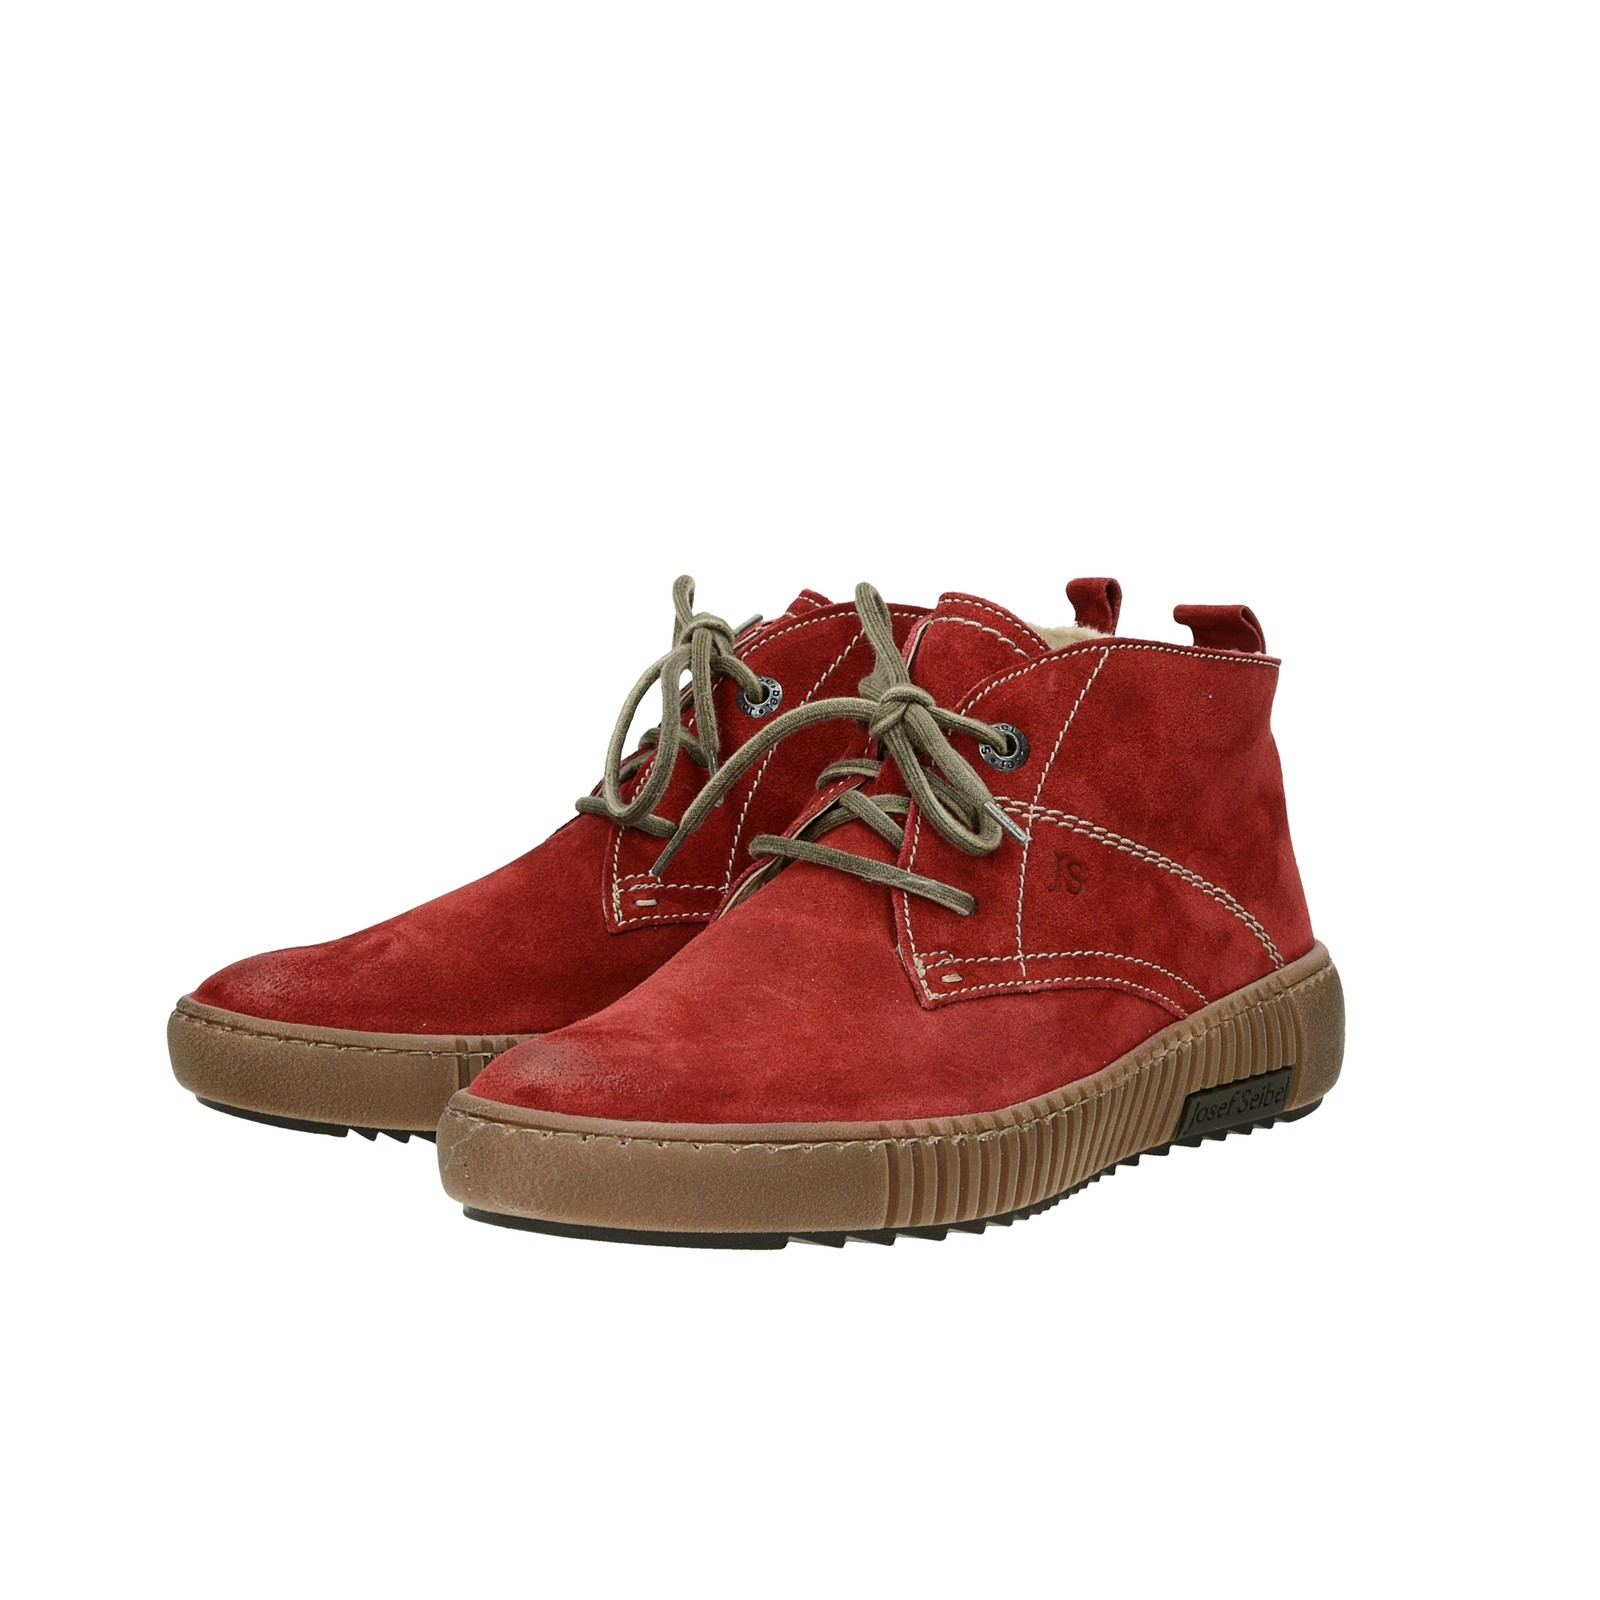 ... Josef Seibel dámske semišové zateplené tenisky - červené ... b3b6c7d2791